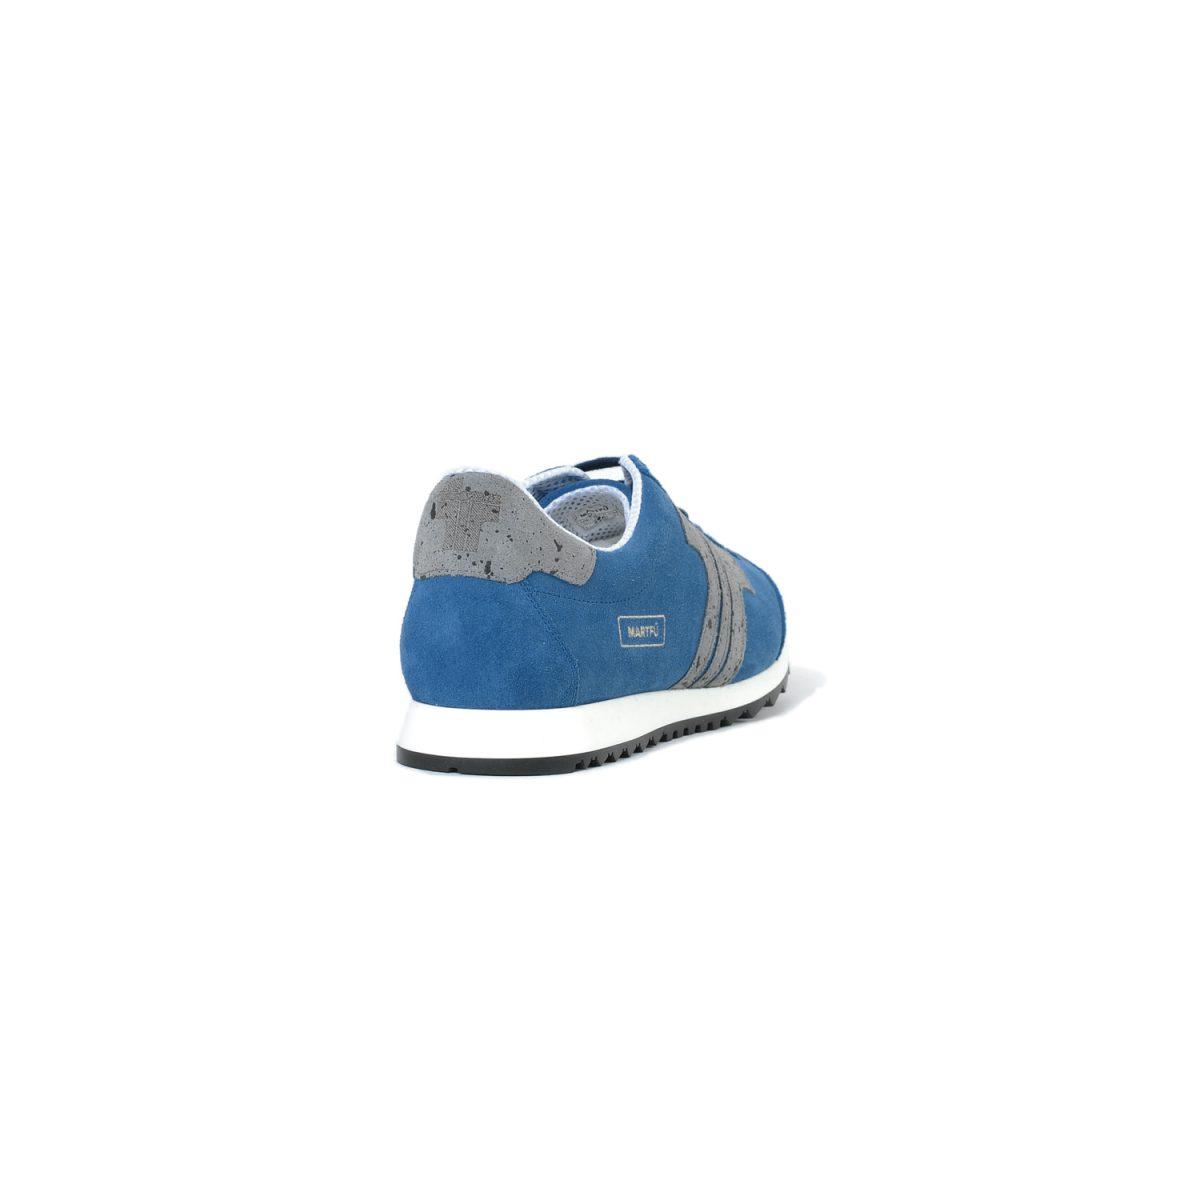 Tisza cipő - Martfű - Royal-spalsh szürke